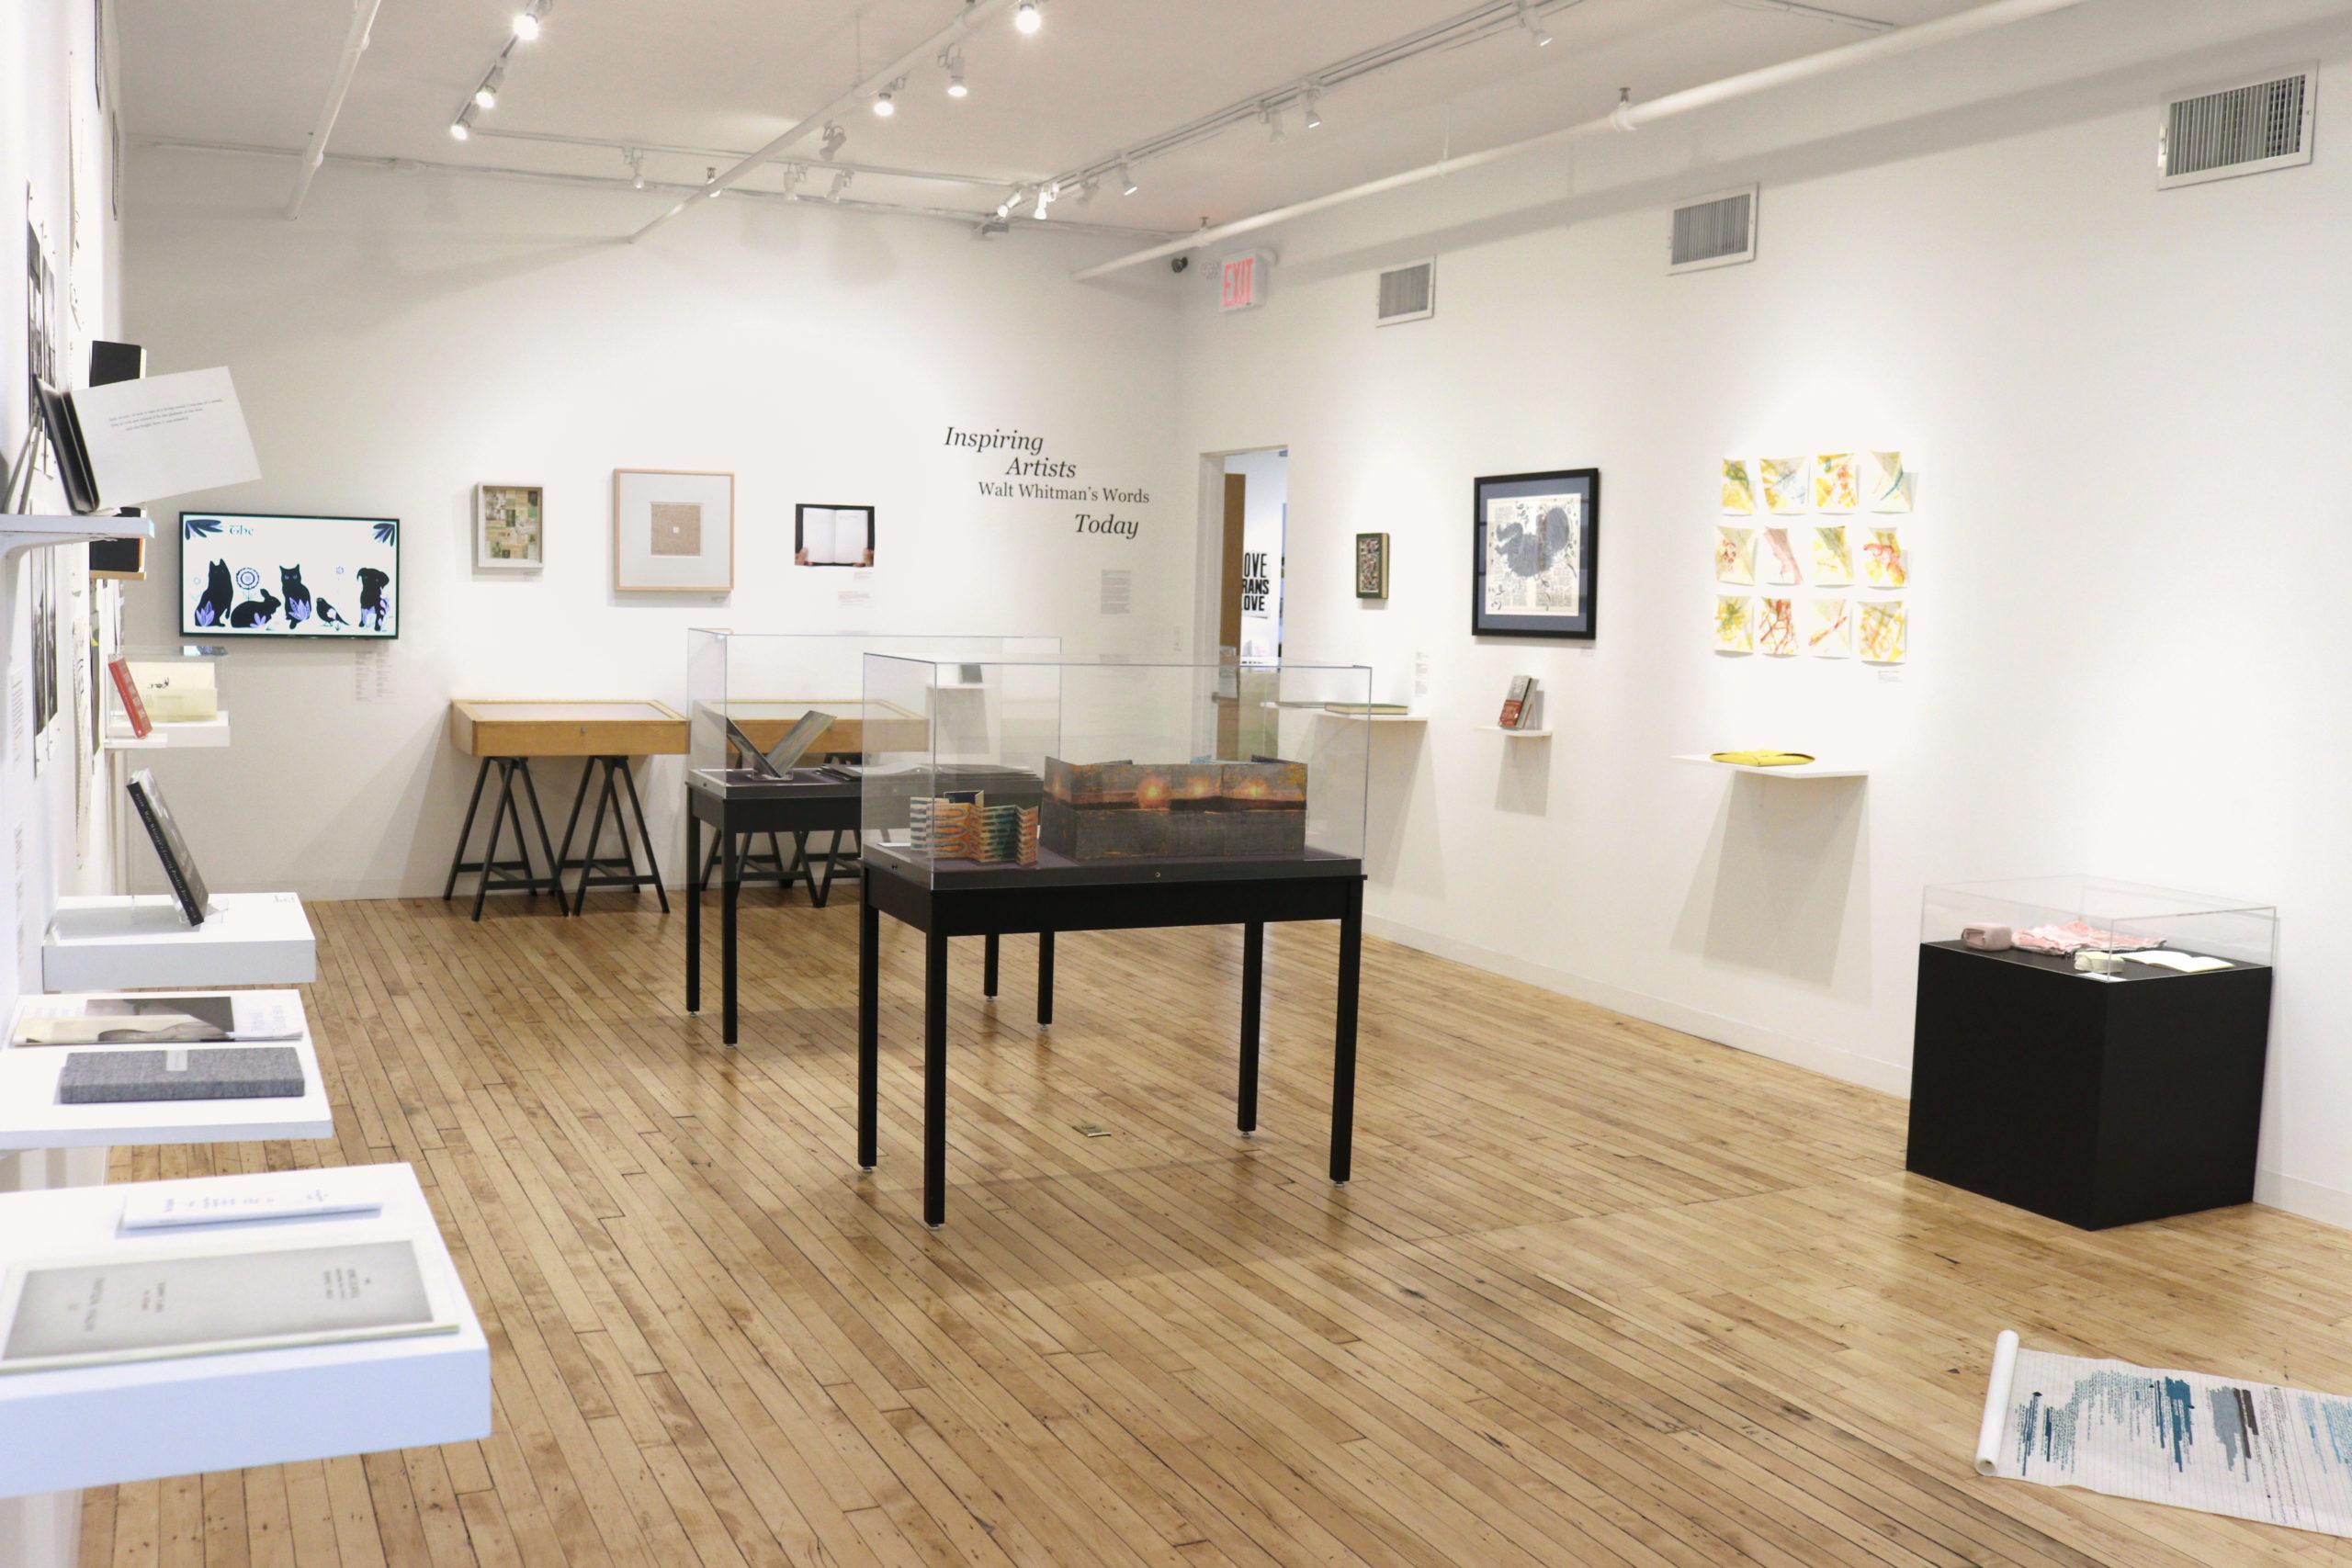 View of gallery from bindery door.